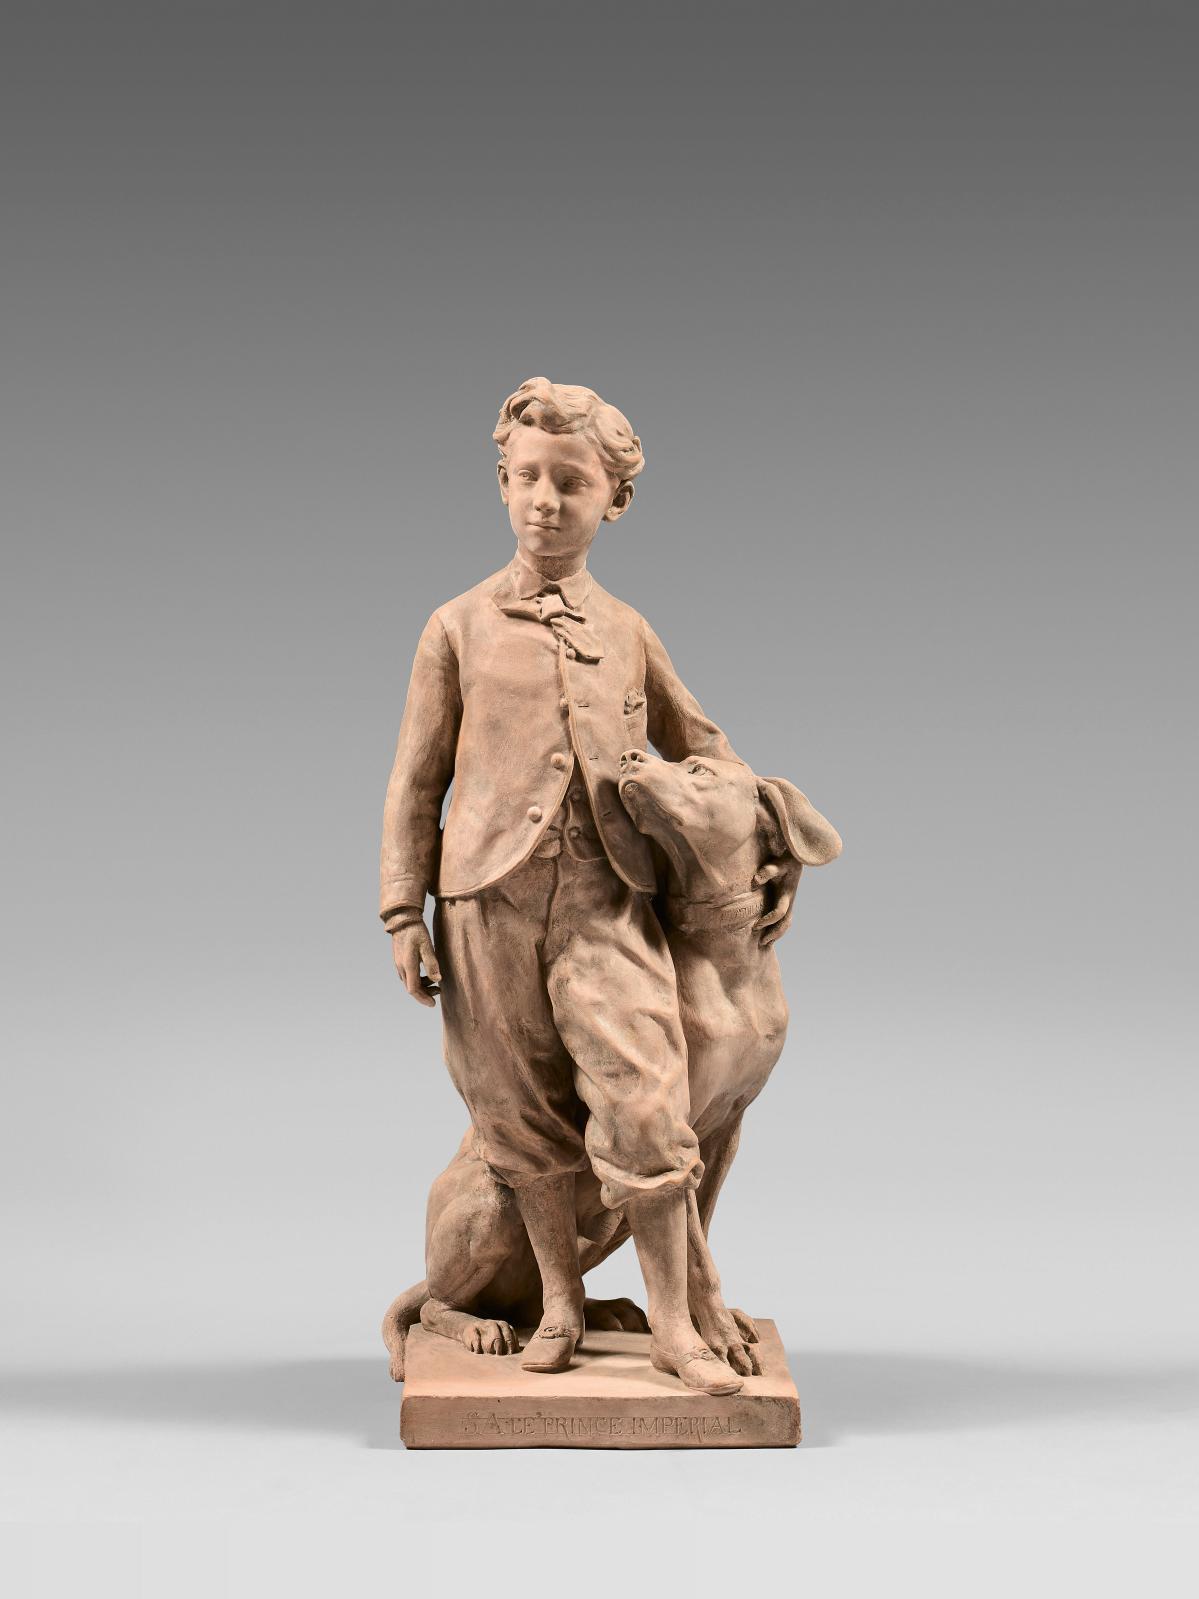 Le sculpteur Jean-Baptiste Carpeaux(1827-1875) a laissé du fils de NapoléonIII des images spontanées, qui ont contribué à laisser de ce jeune garçon